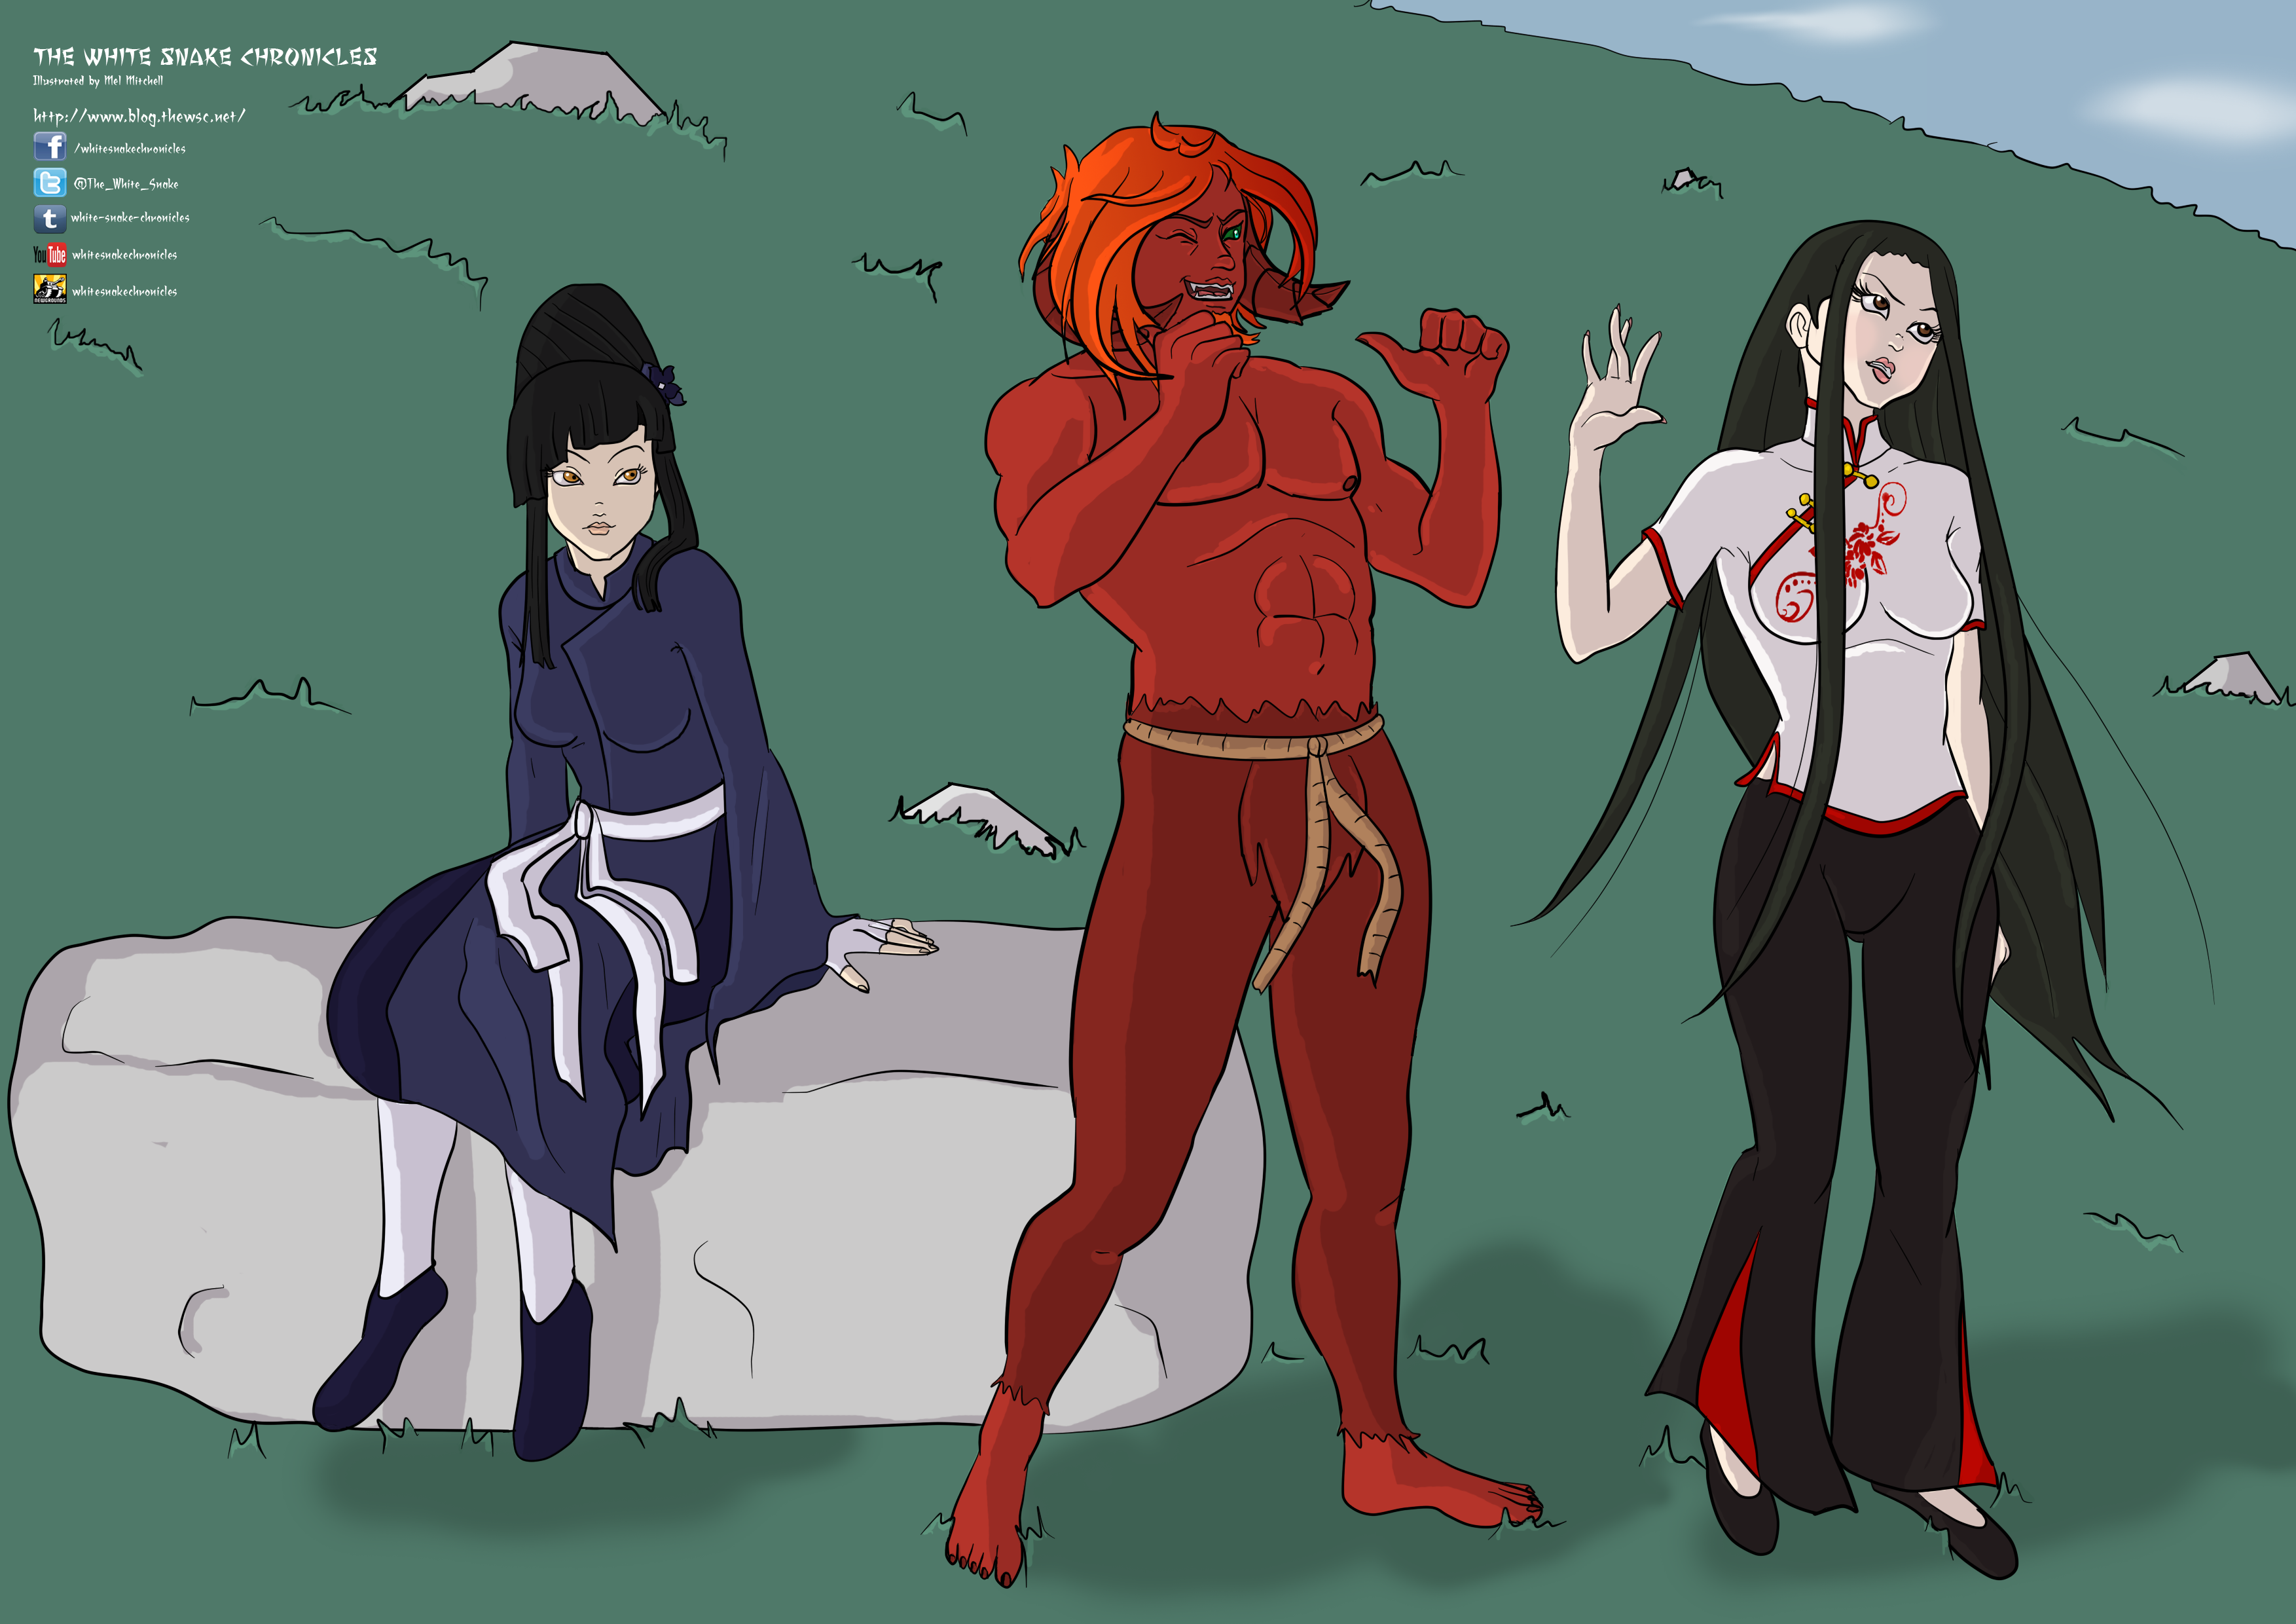 The White Snake Chronicles Promo Art #1